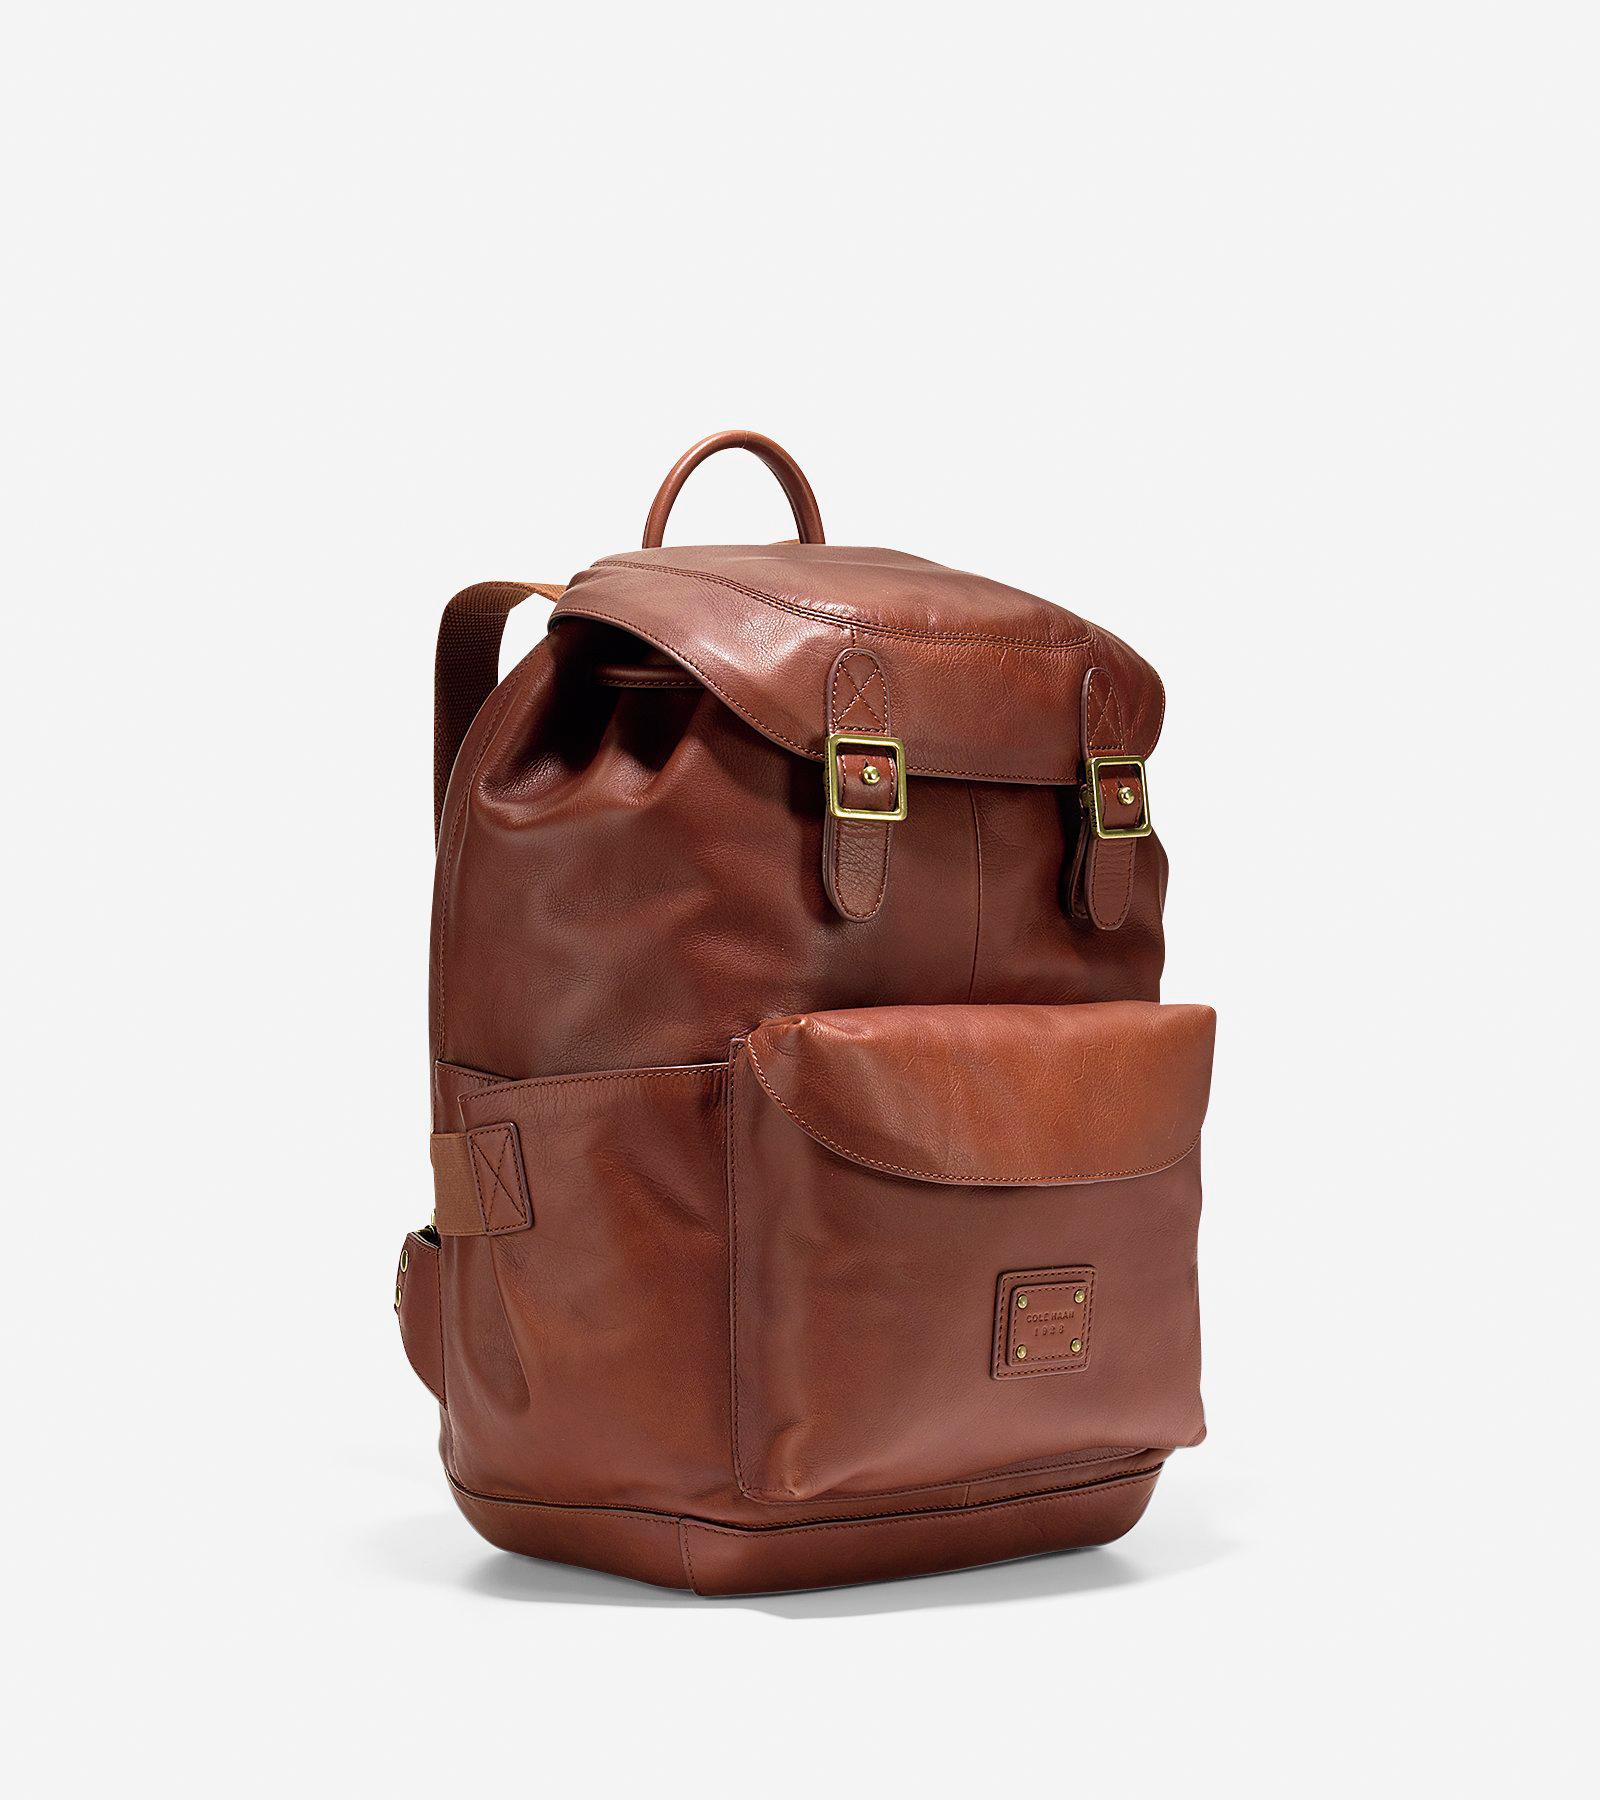 29c2f210e Women's Van Buren Backpack in British Tan | Cole Haan US